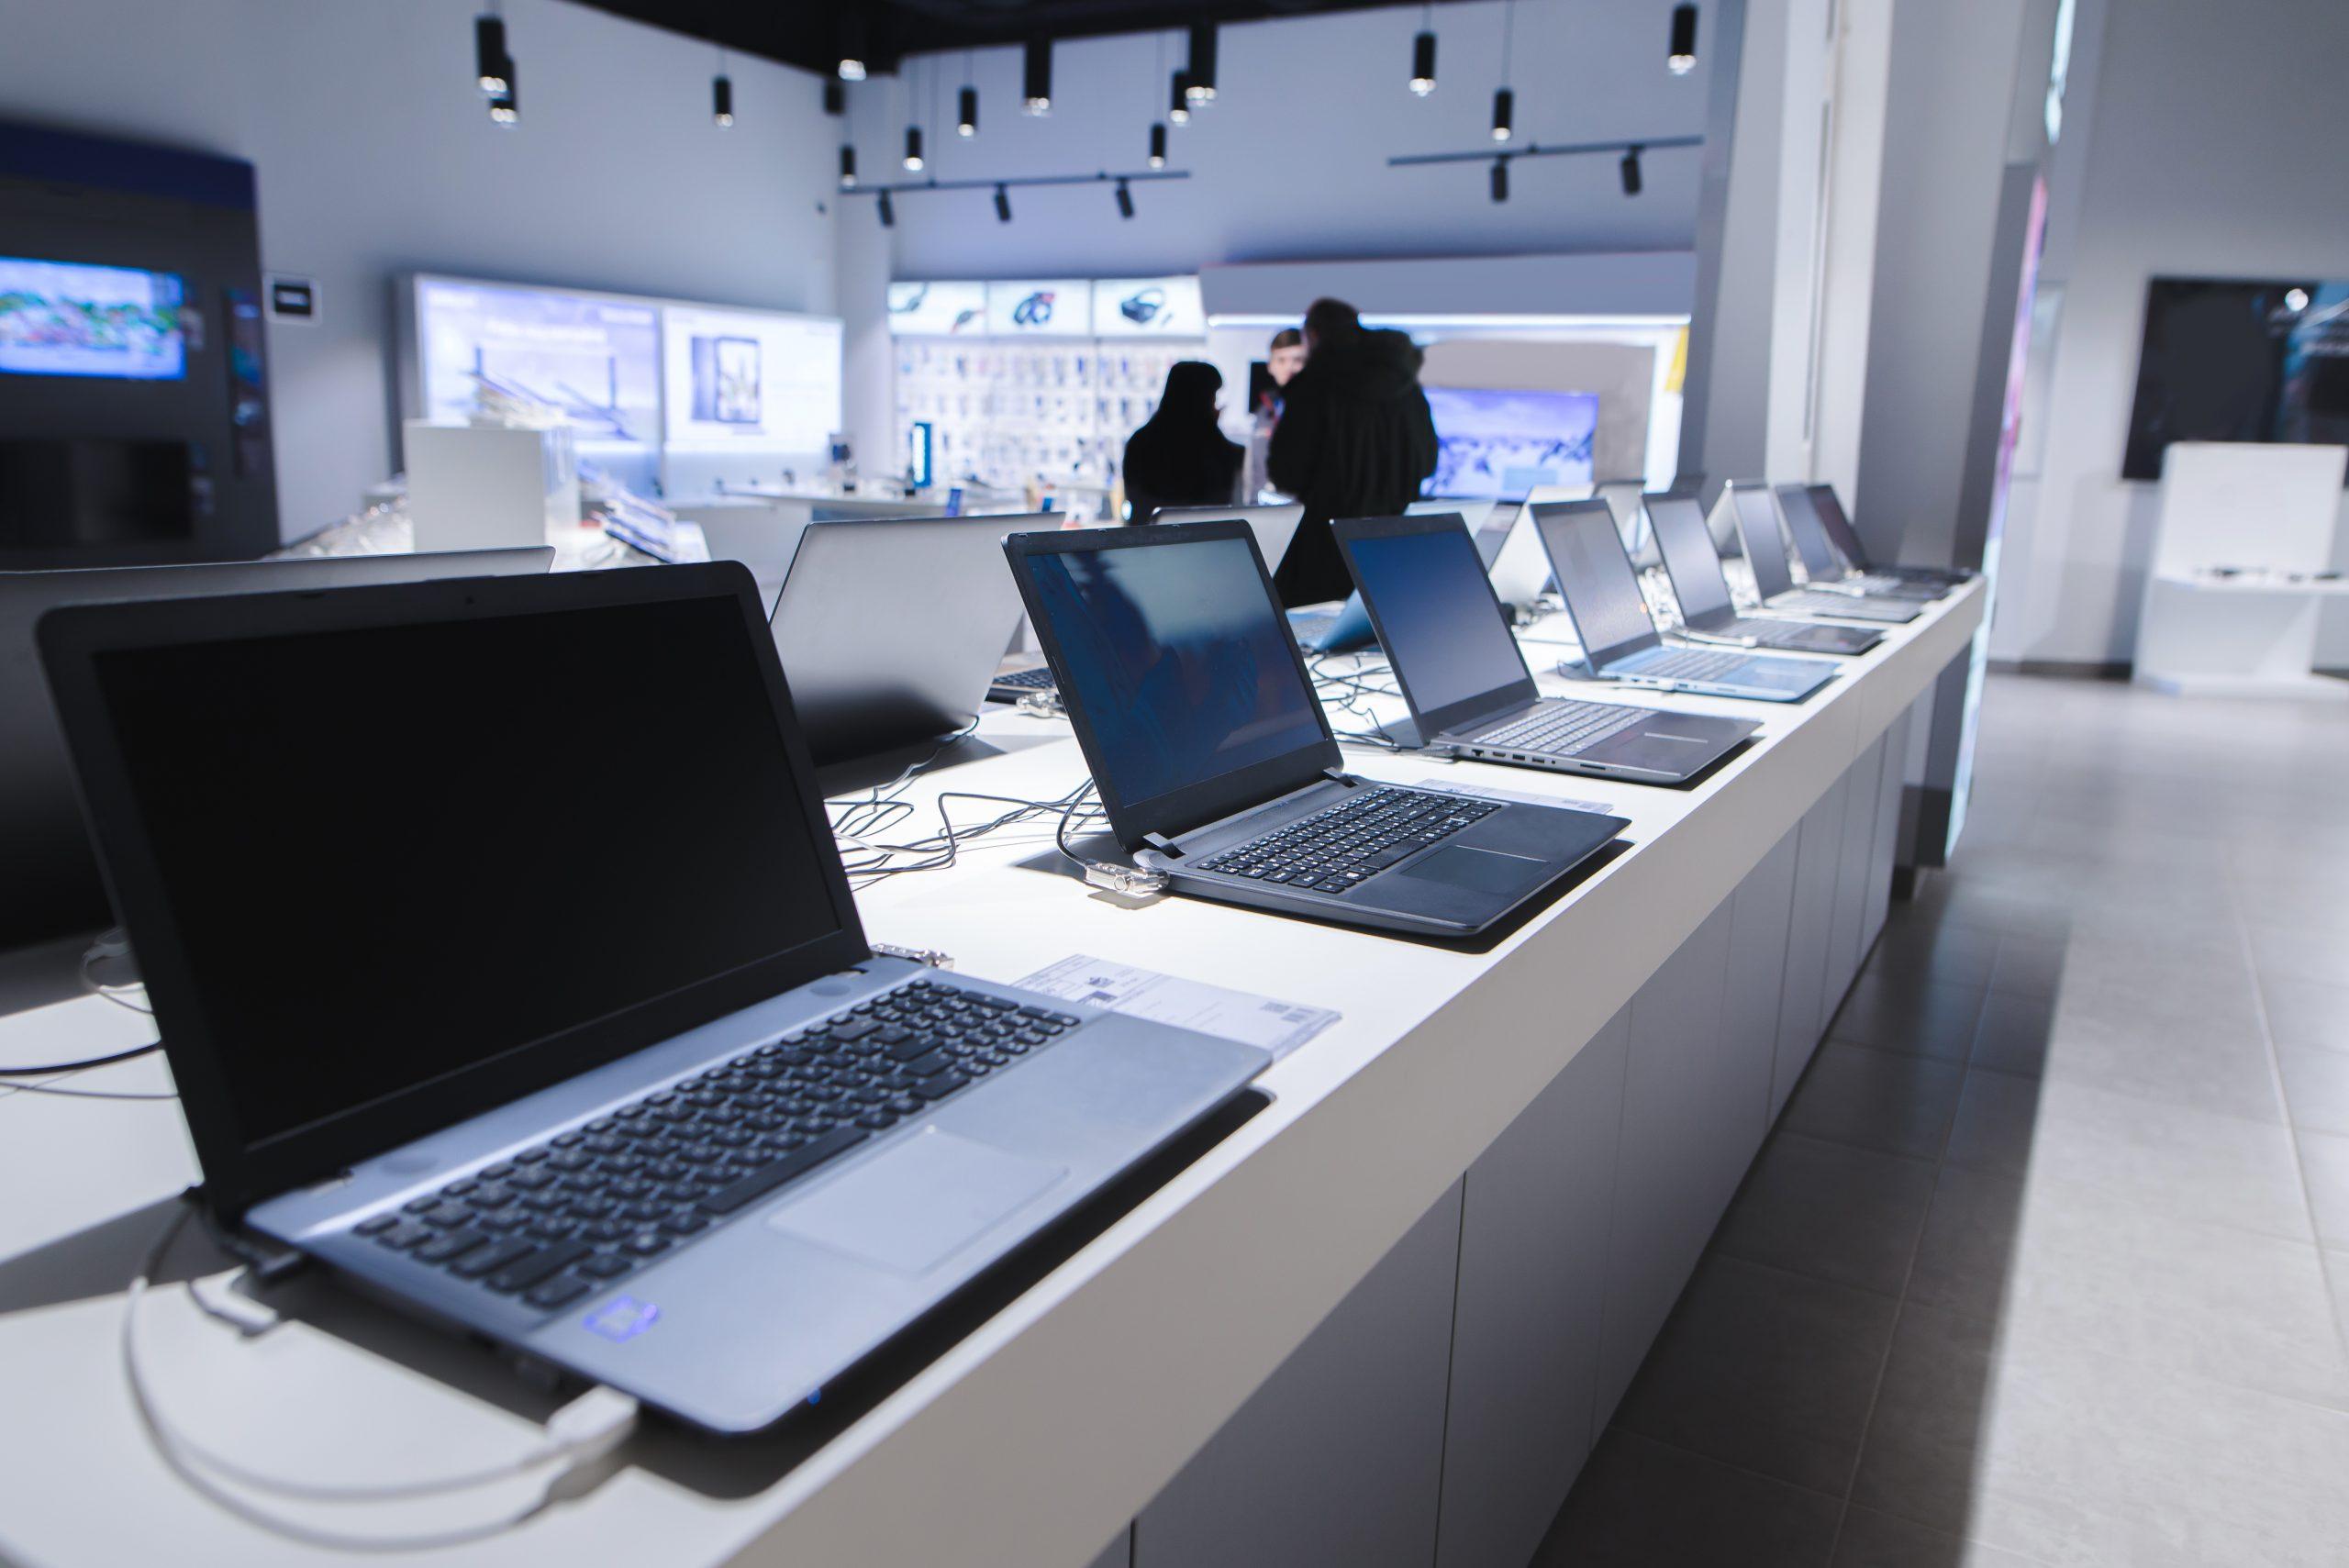 Magasin de matériel informatique